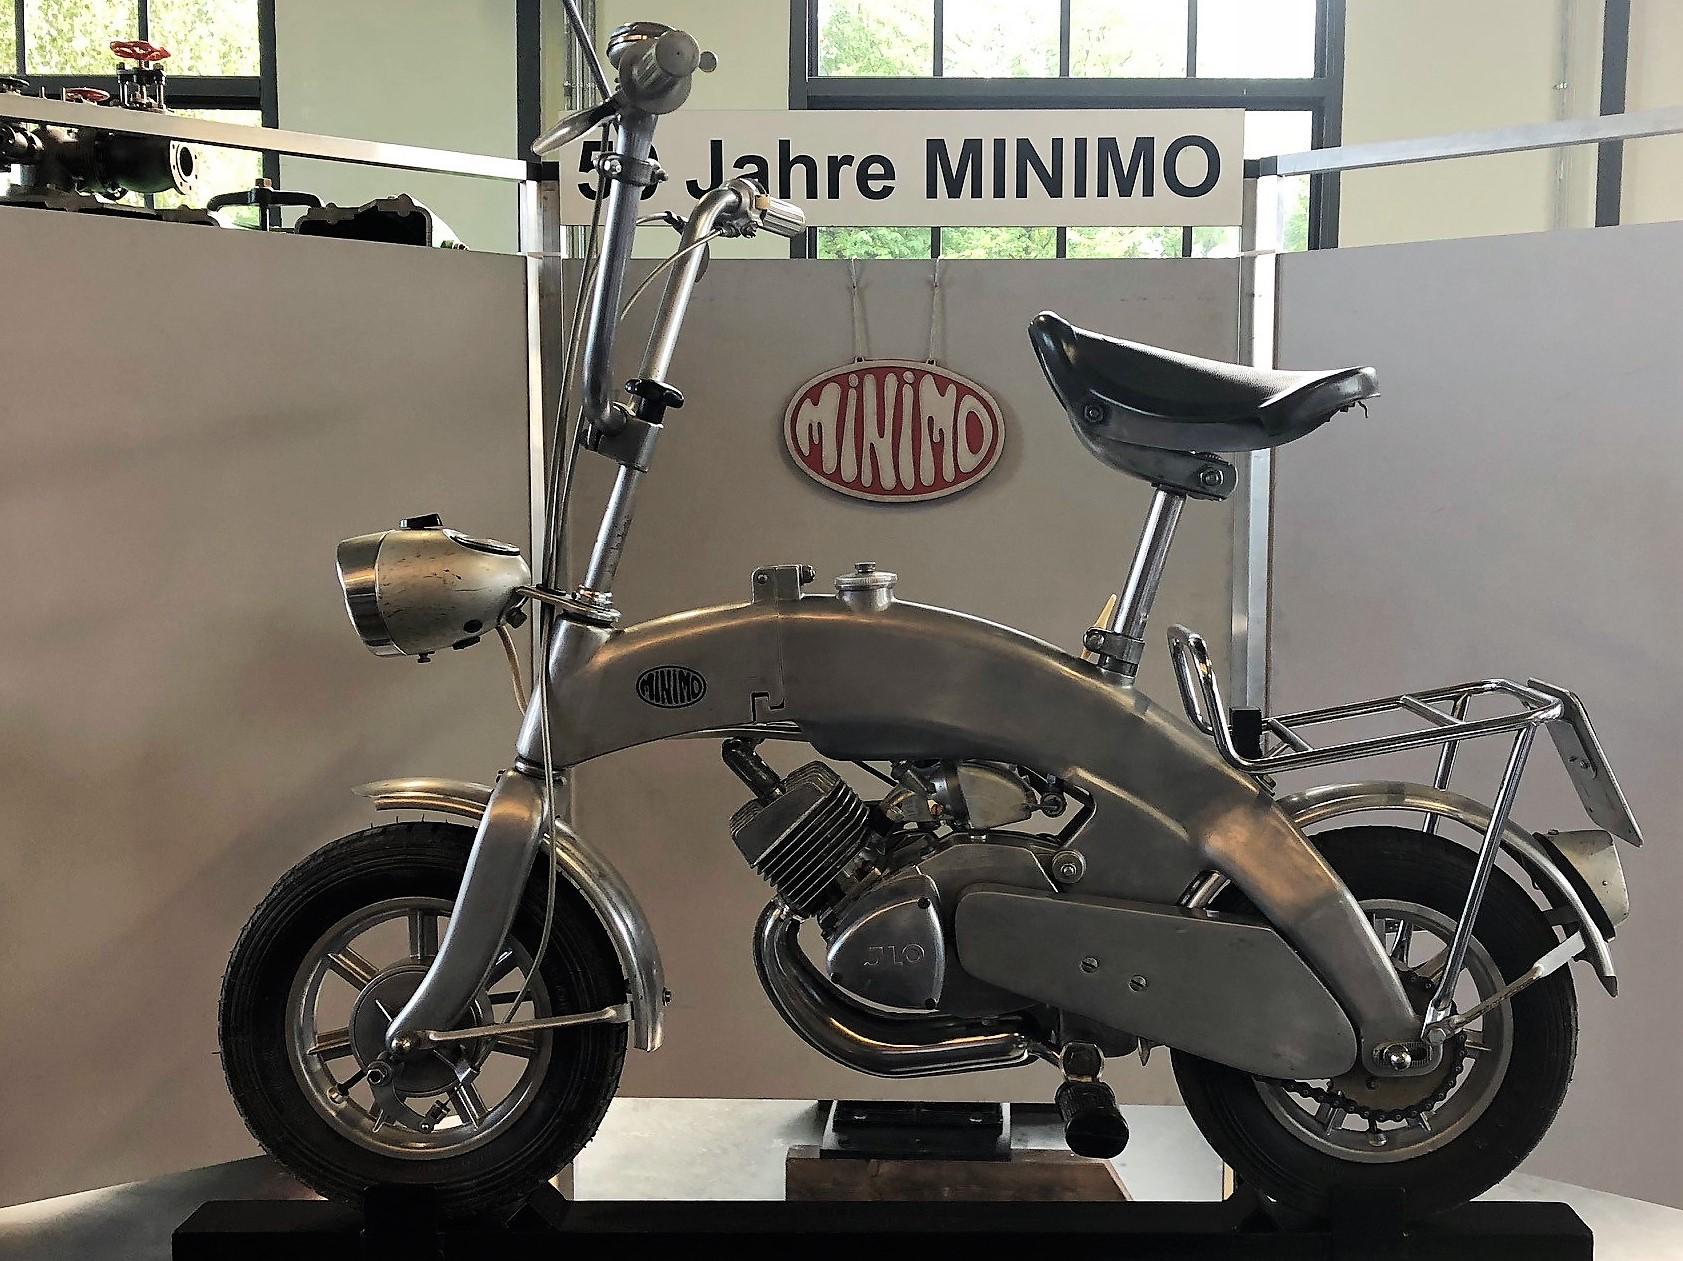 Silberfarbenes Klappbares Motorrad Minimo: Eine Innovation Von Vor 50 Jahren